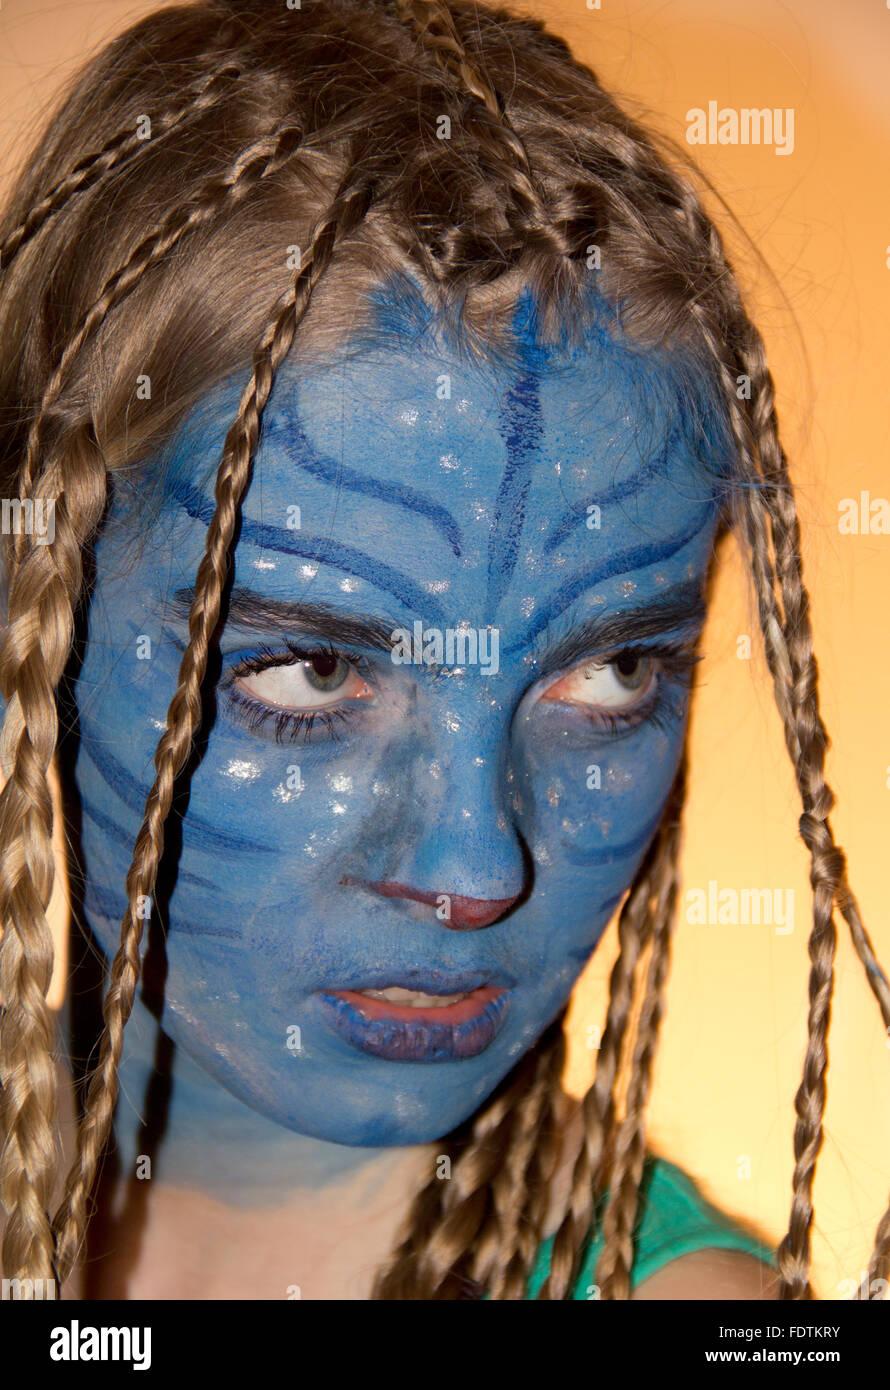 Berlino, Germania, ragazza trucco come nel film Avatar Immagini Stock